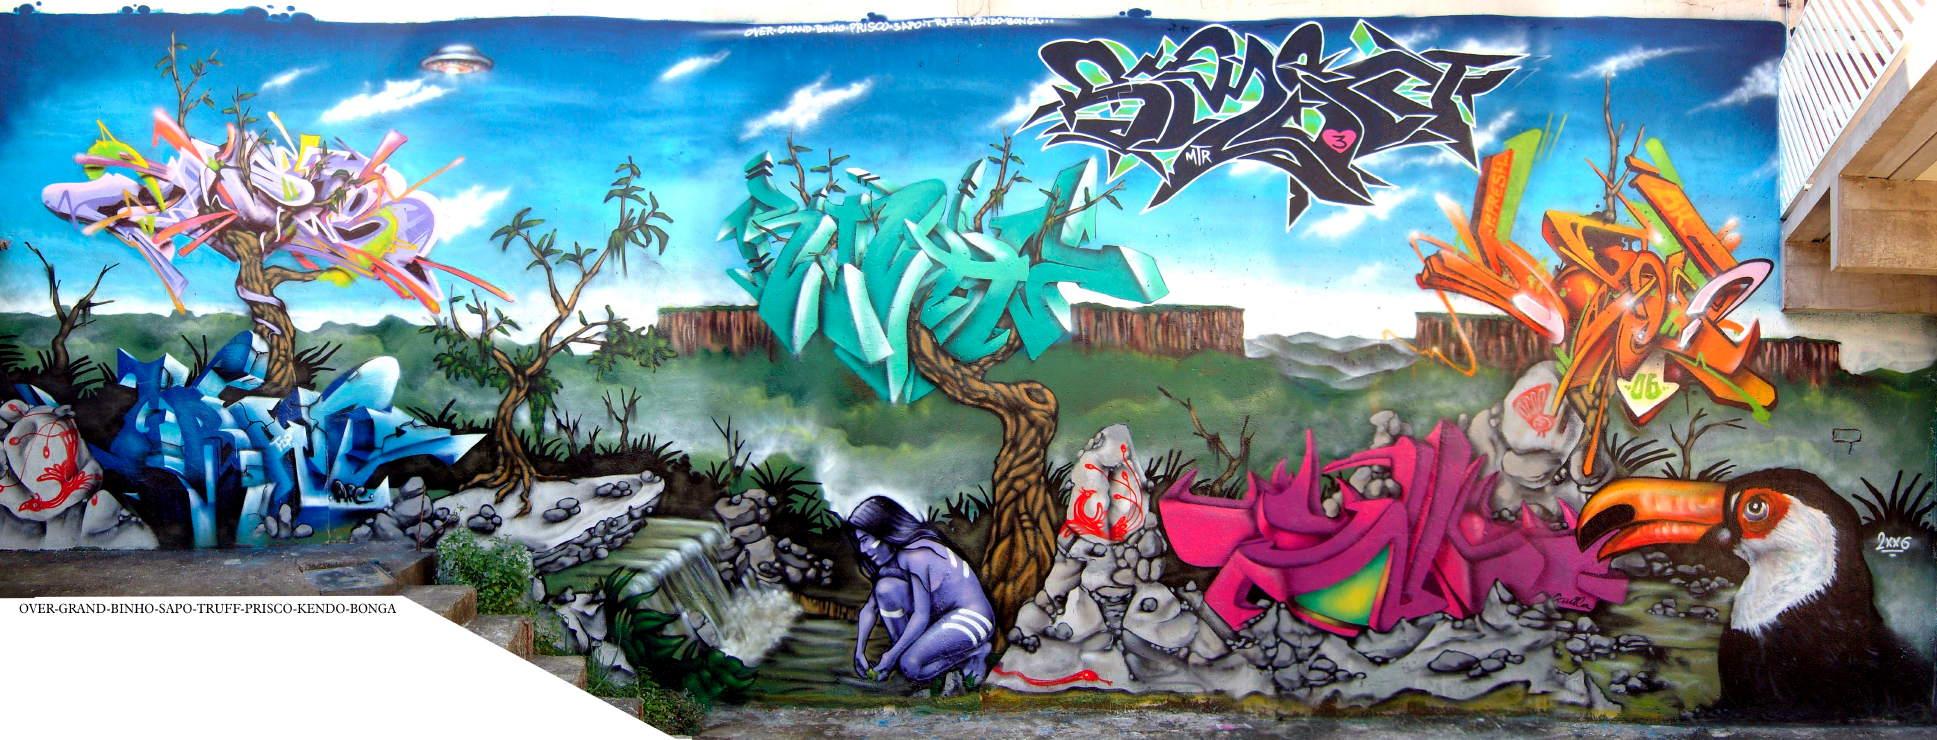 El verdadero arte callejero taringa for Graffitis y murales callejeros